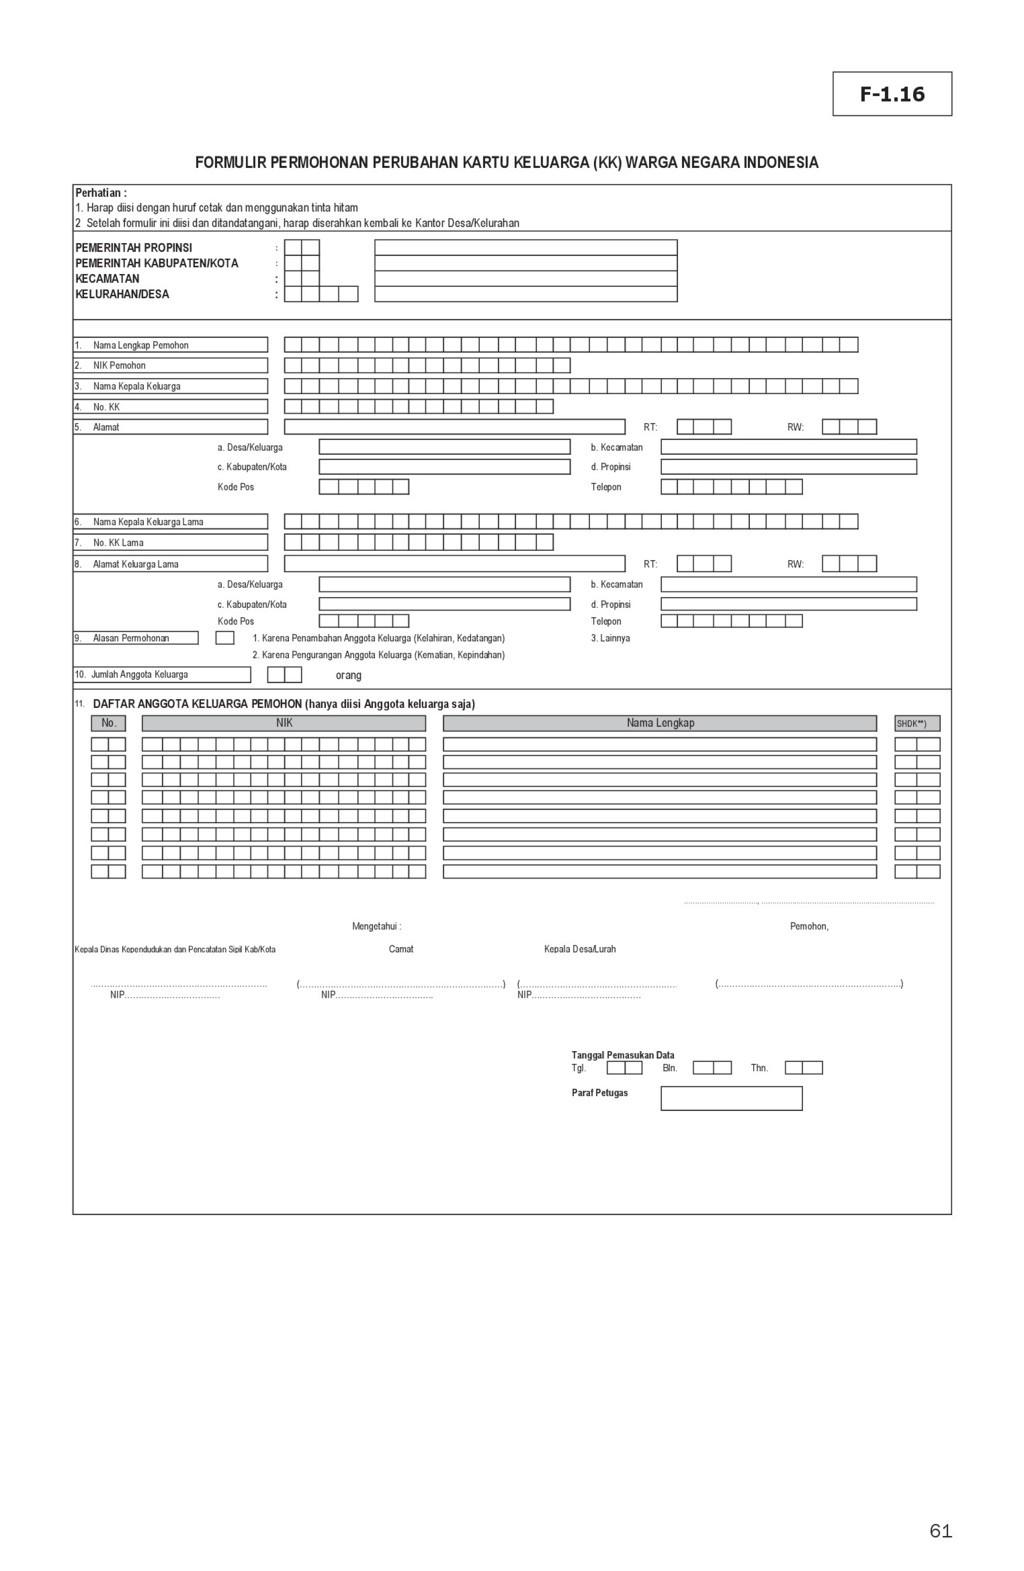 formulir permohonan perubahan kartu keluarga -f-1 16